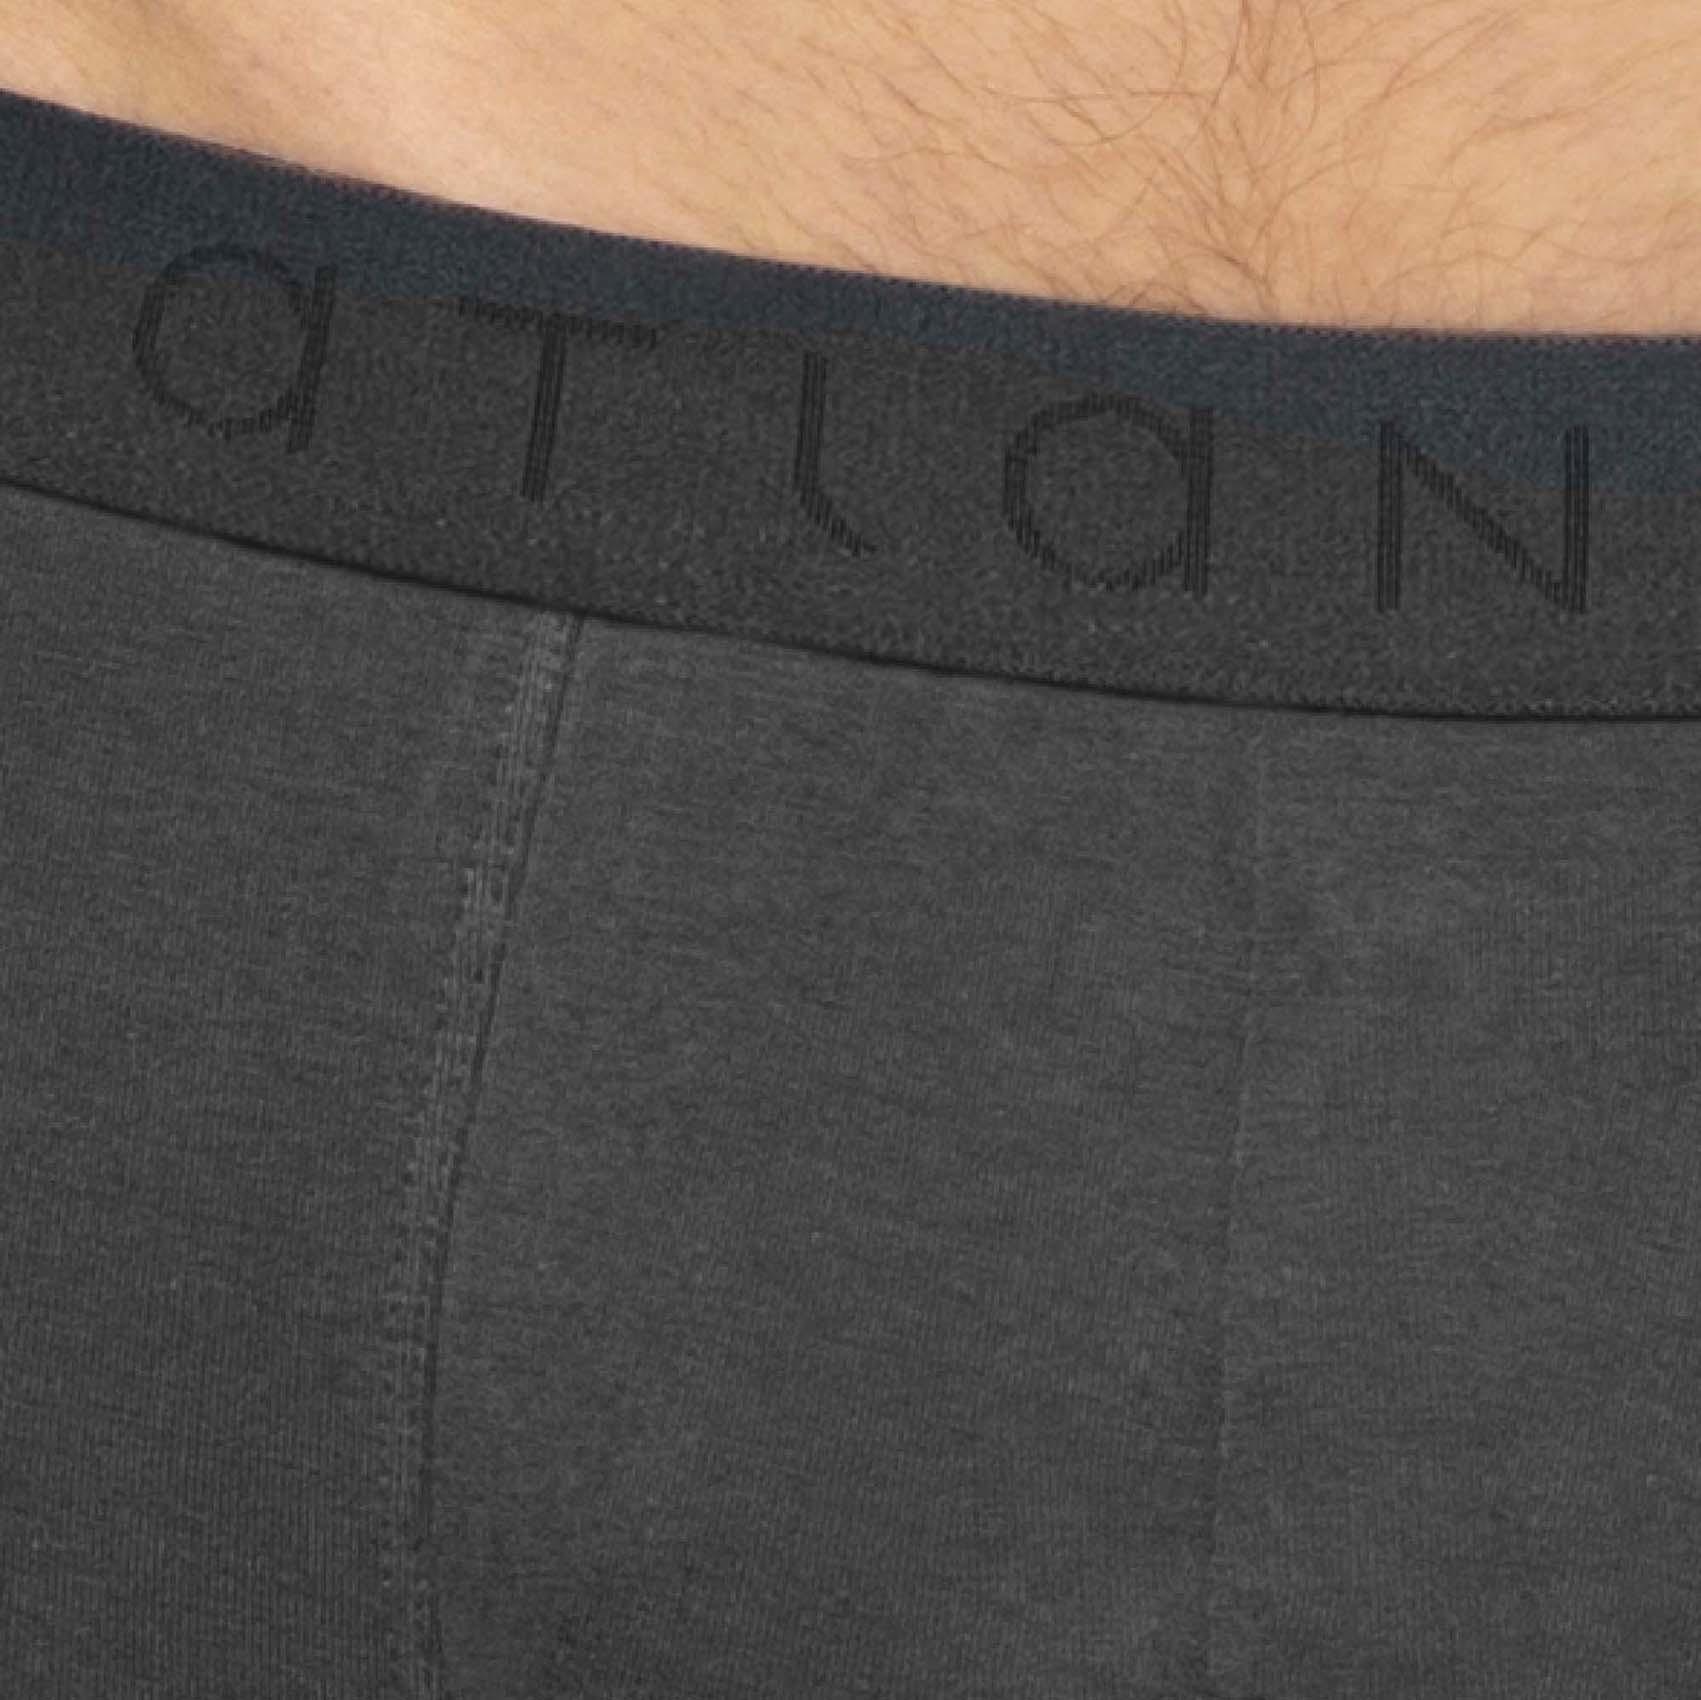 Трусы мужские шорты Basic BMH-018